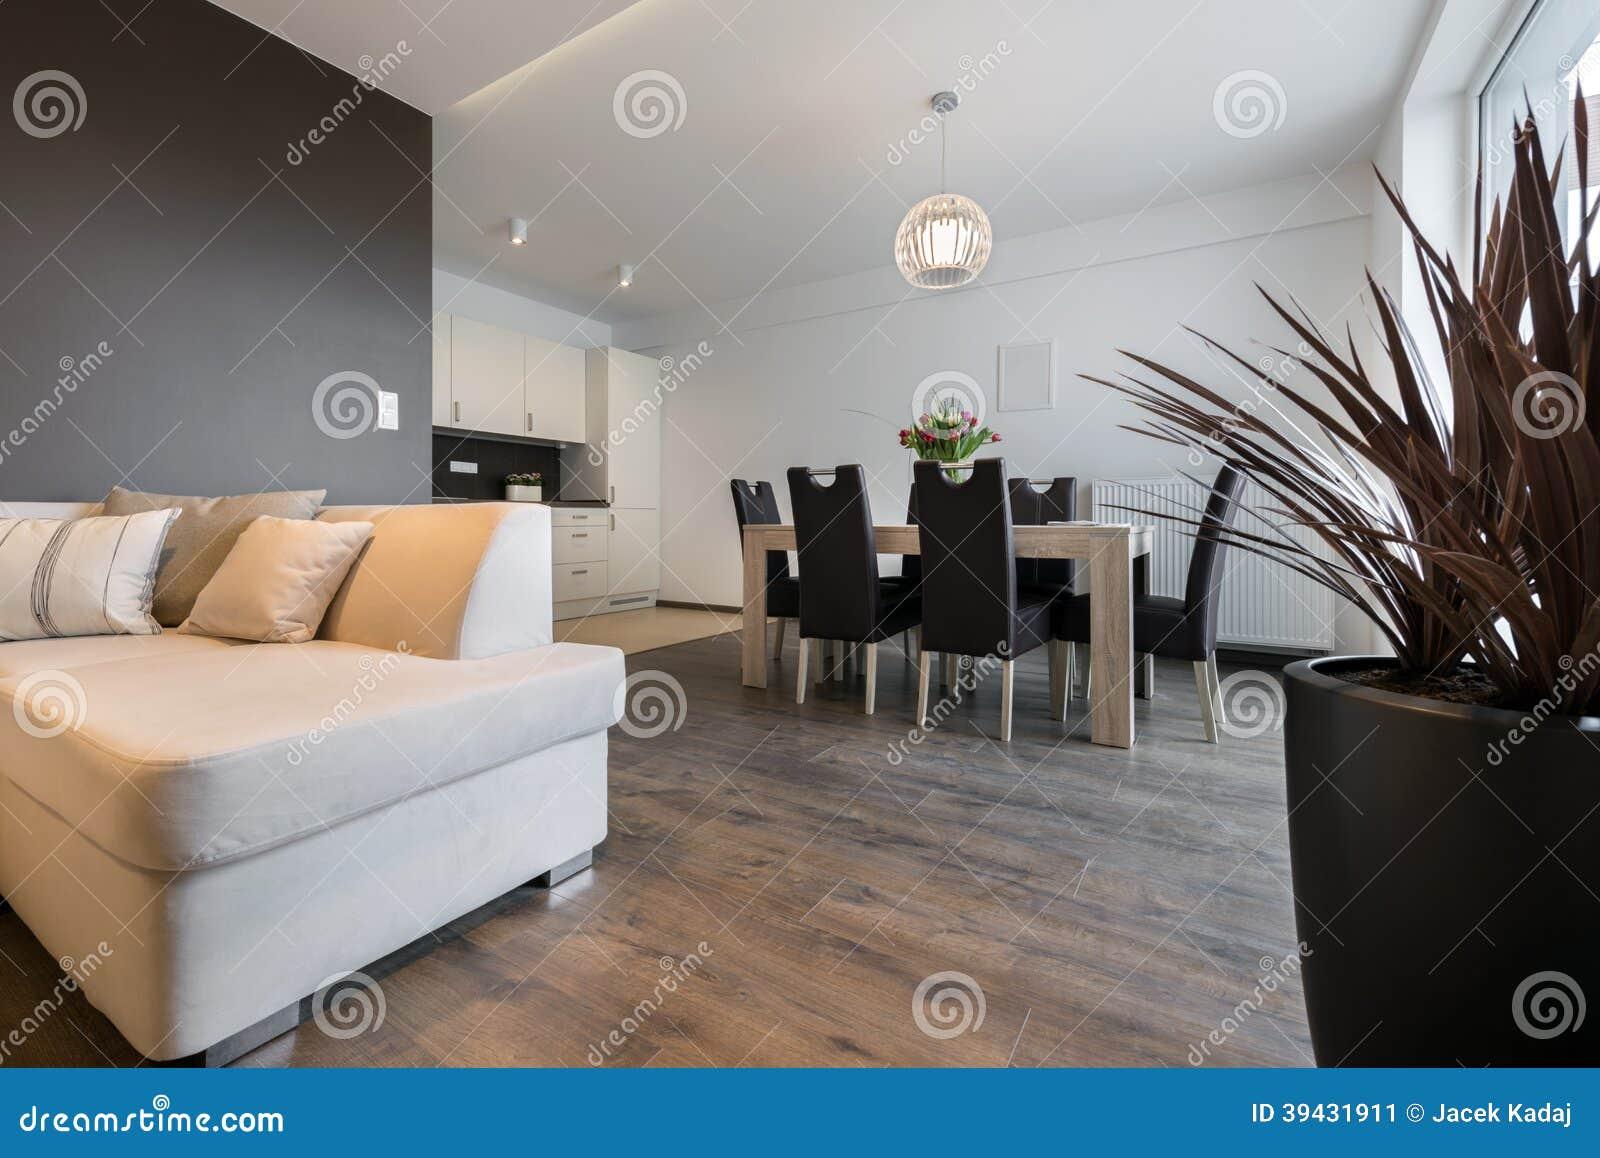 Innenarchitektur: Wohnzimmer Und Küche Stockbild - Bild von fußboden ...